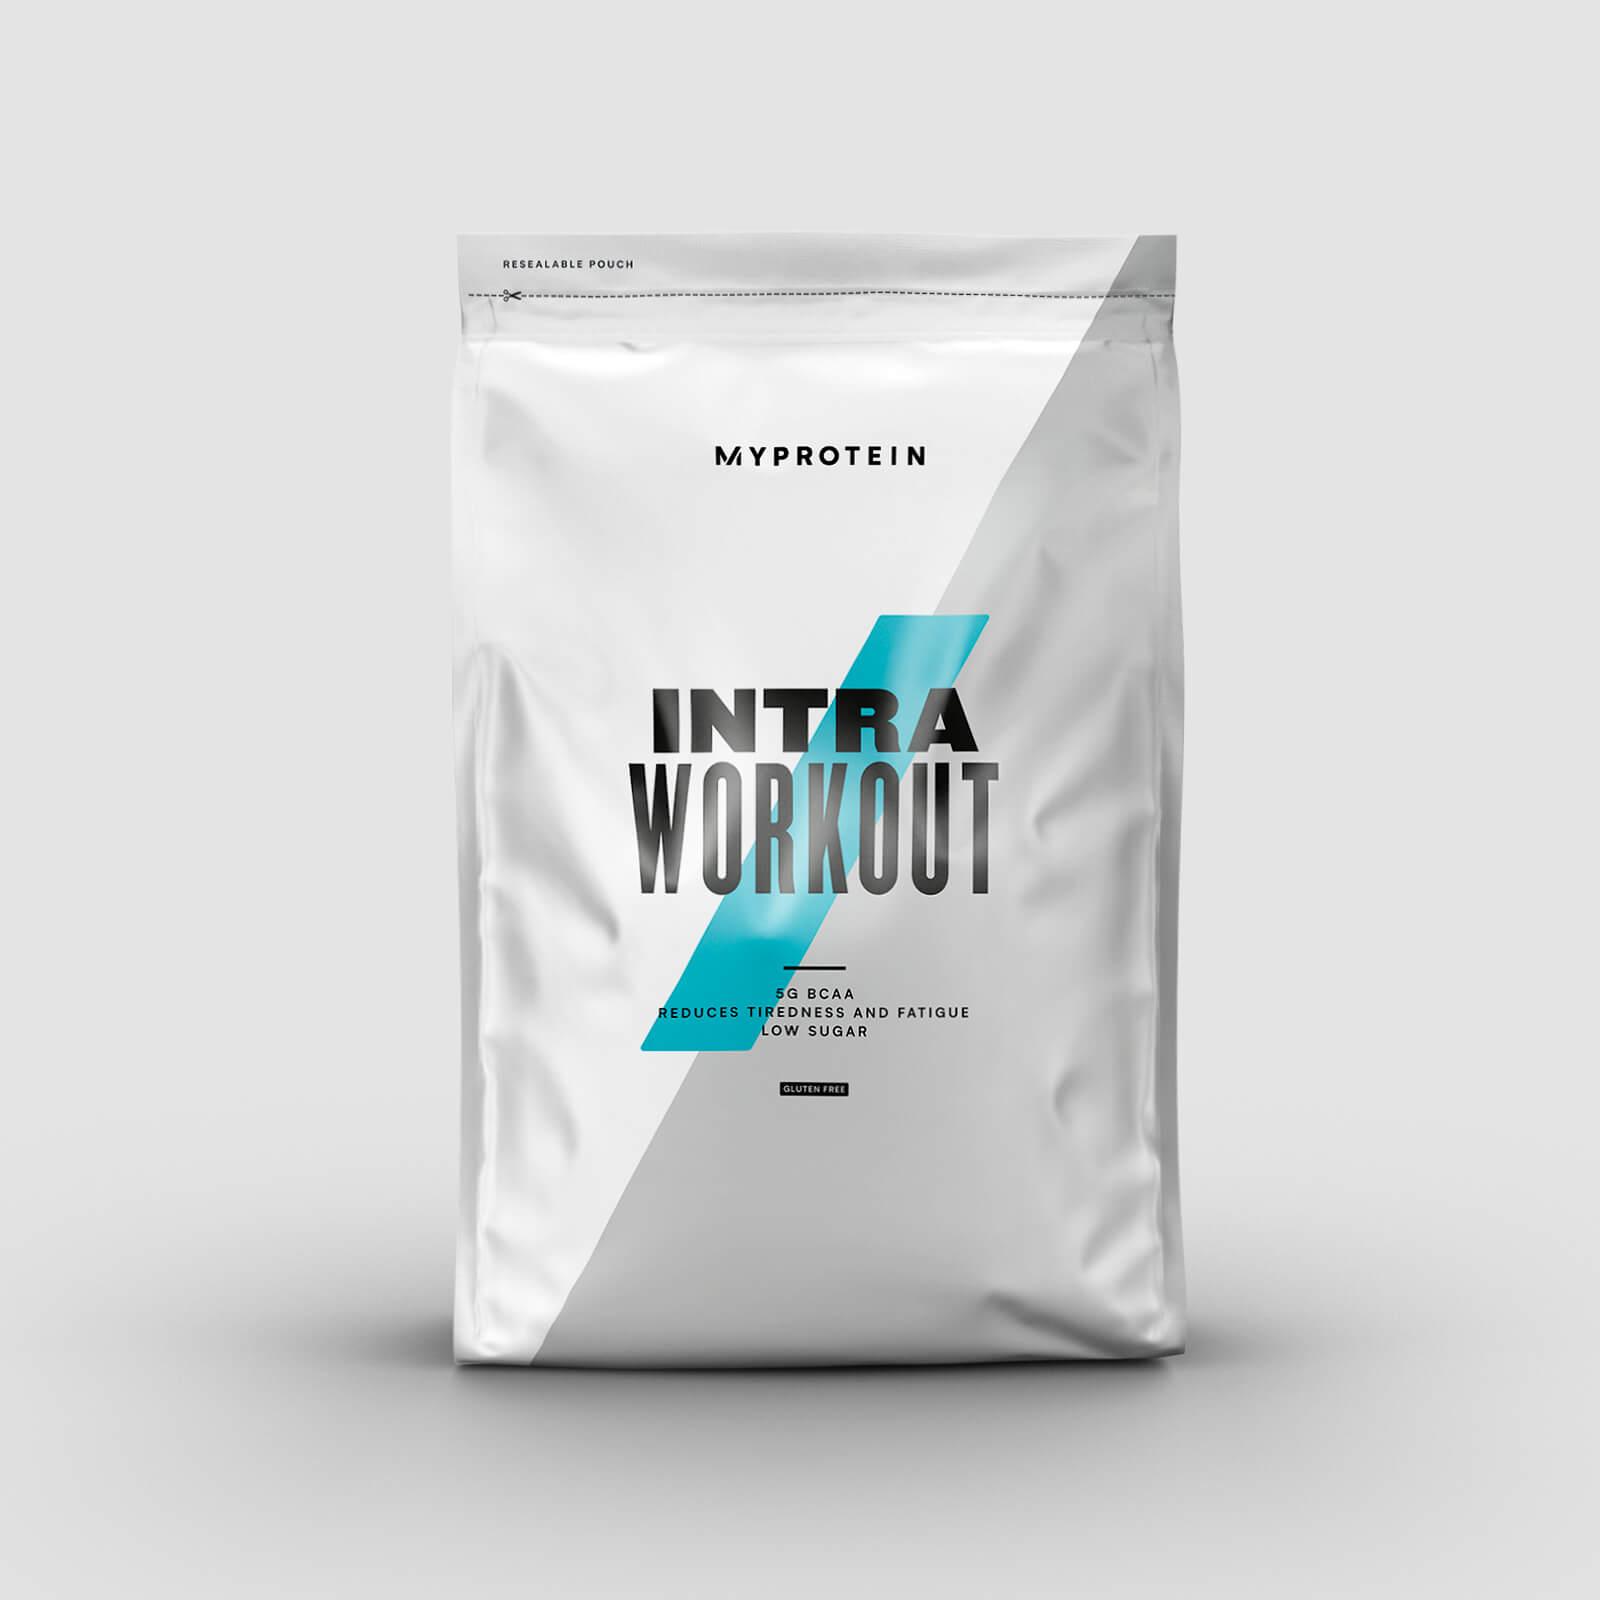 Myprotein Intra Workout - 1kg - Cranberry & Raspberry